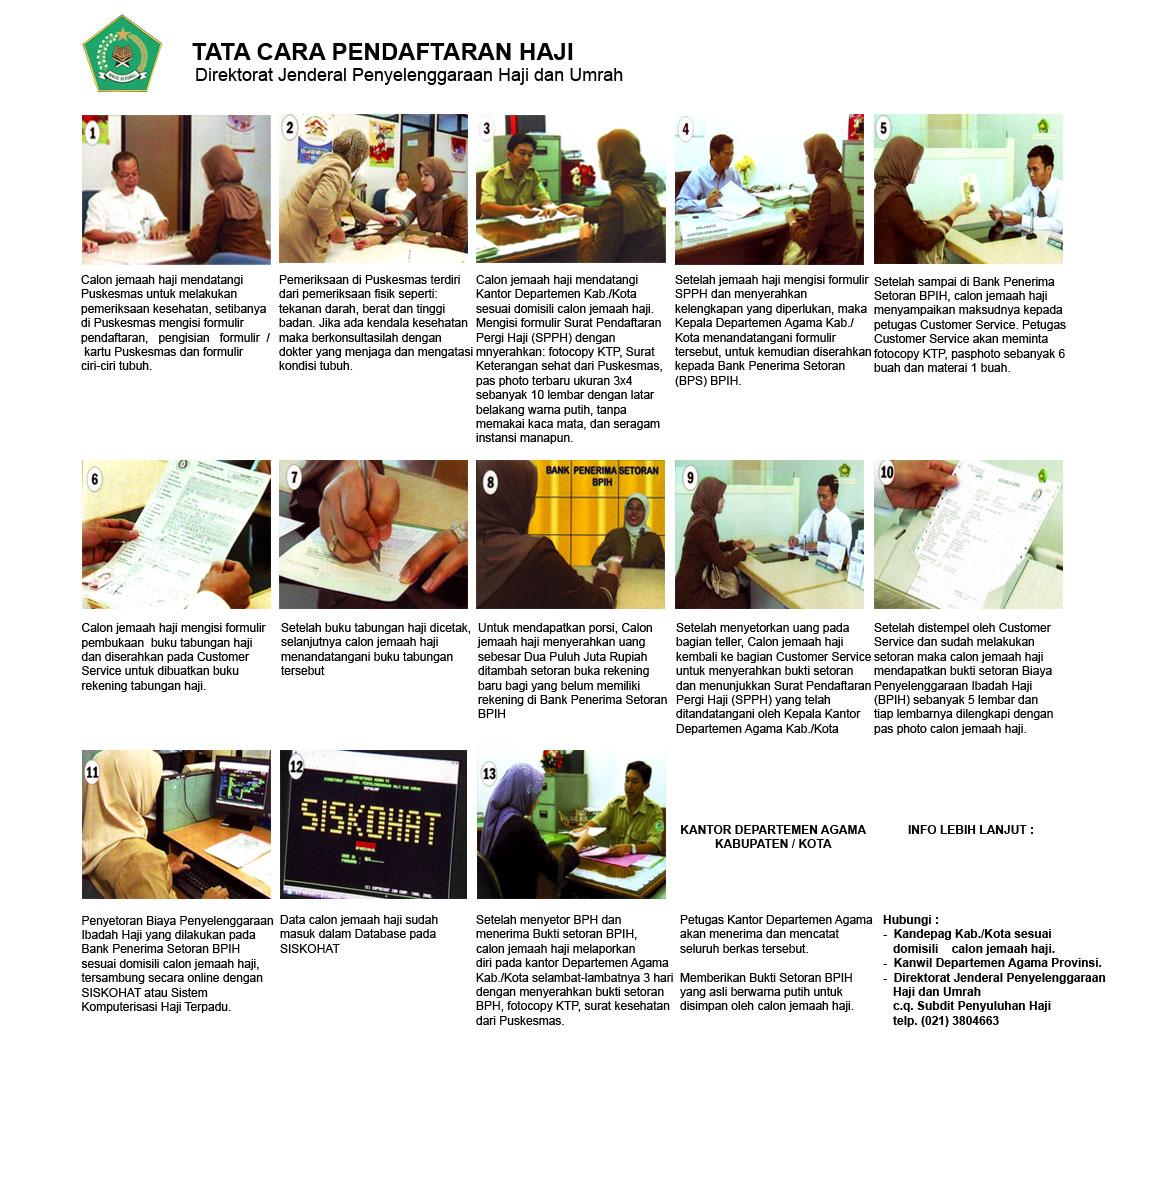 Pendaftaran Haji